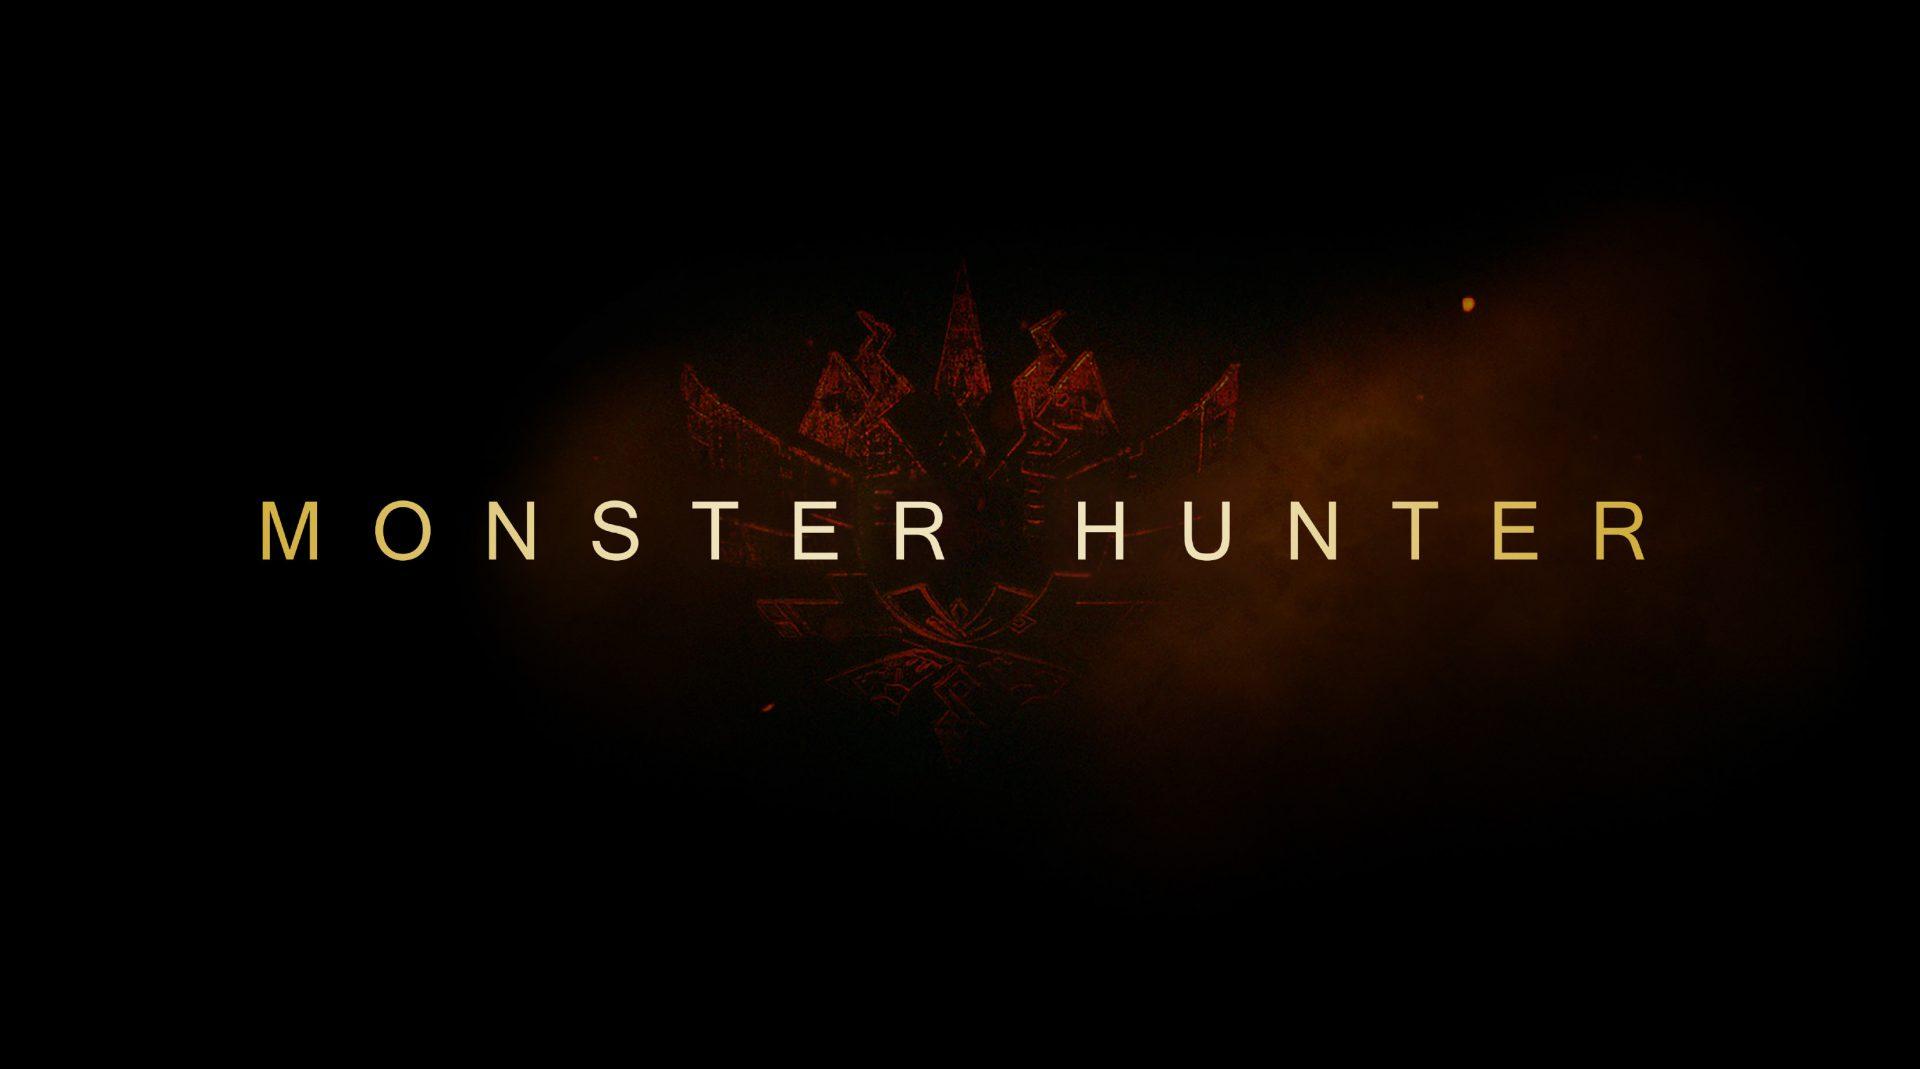 Monster-hunter-logo-1920x1069